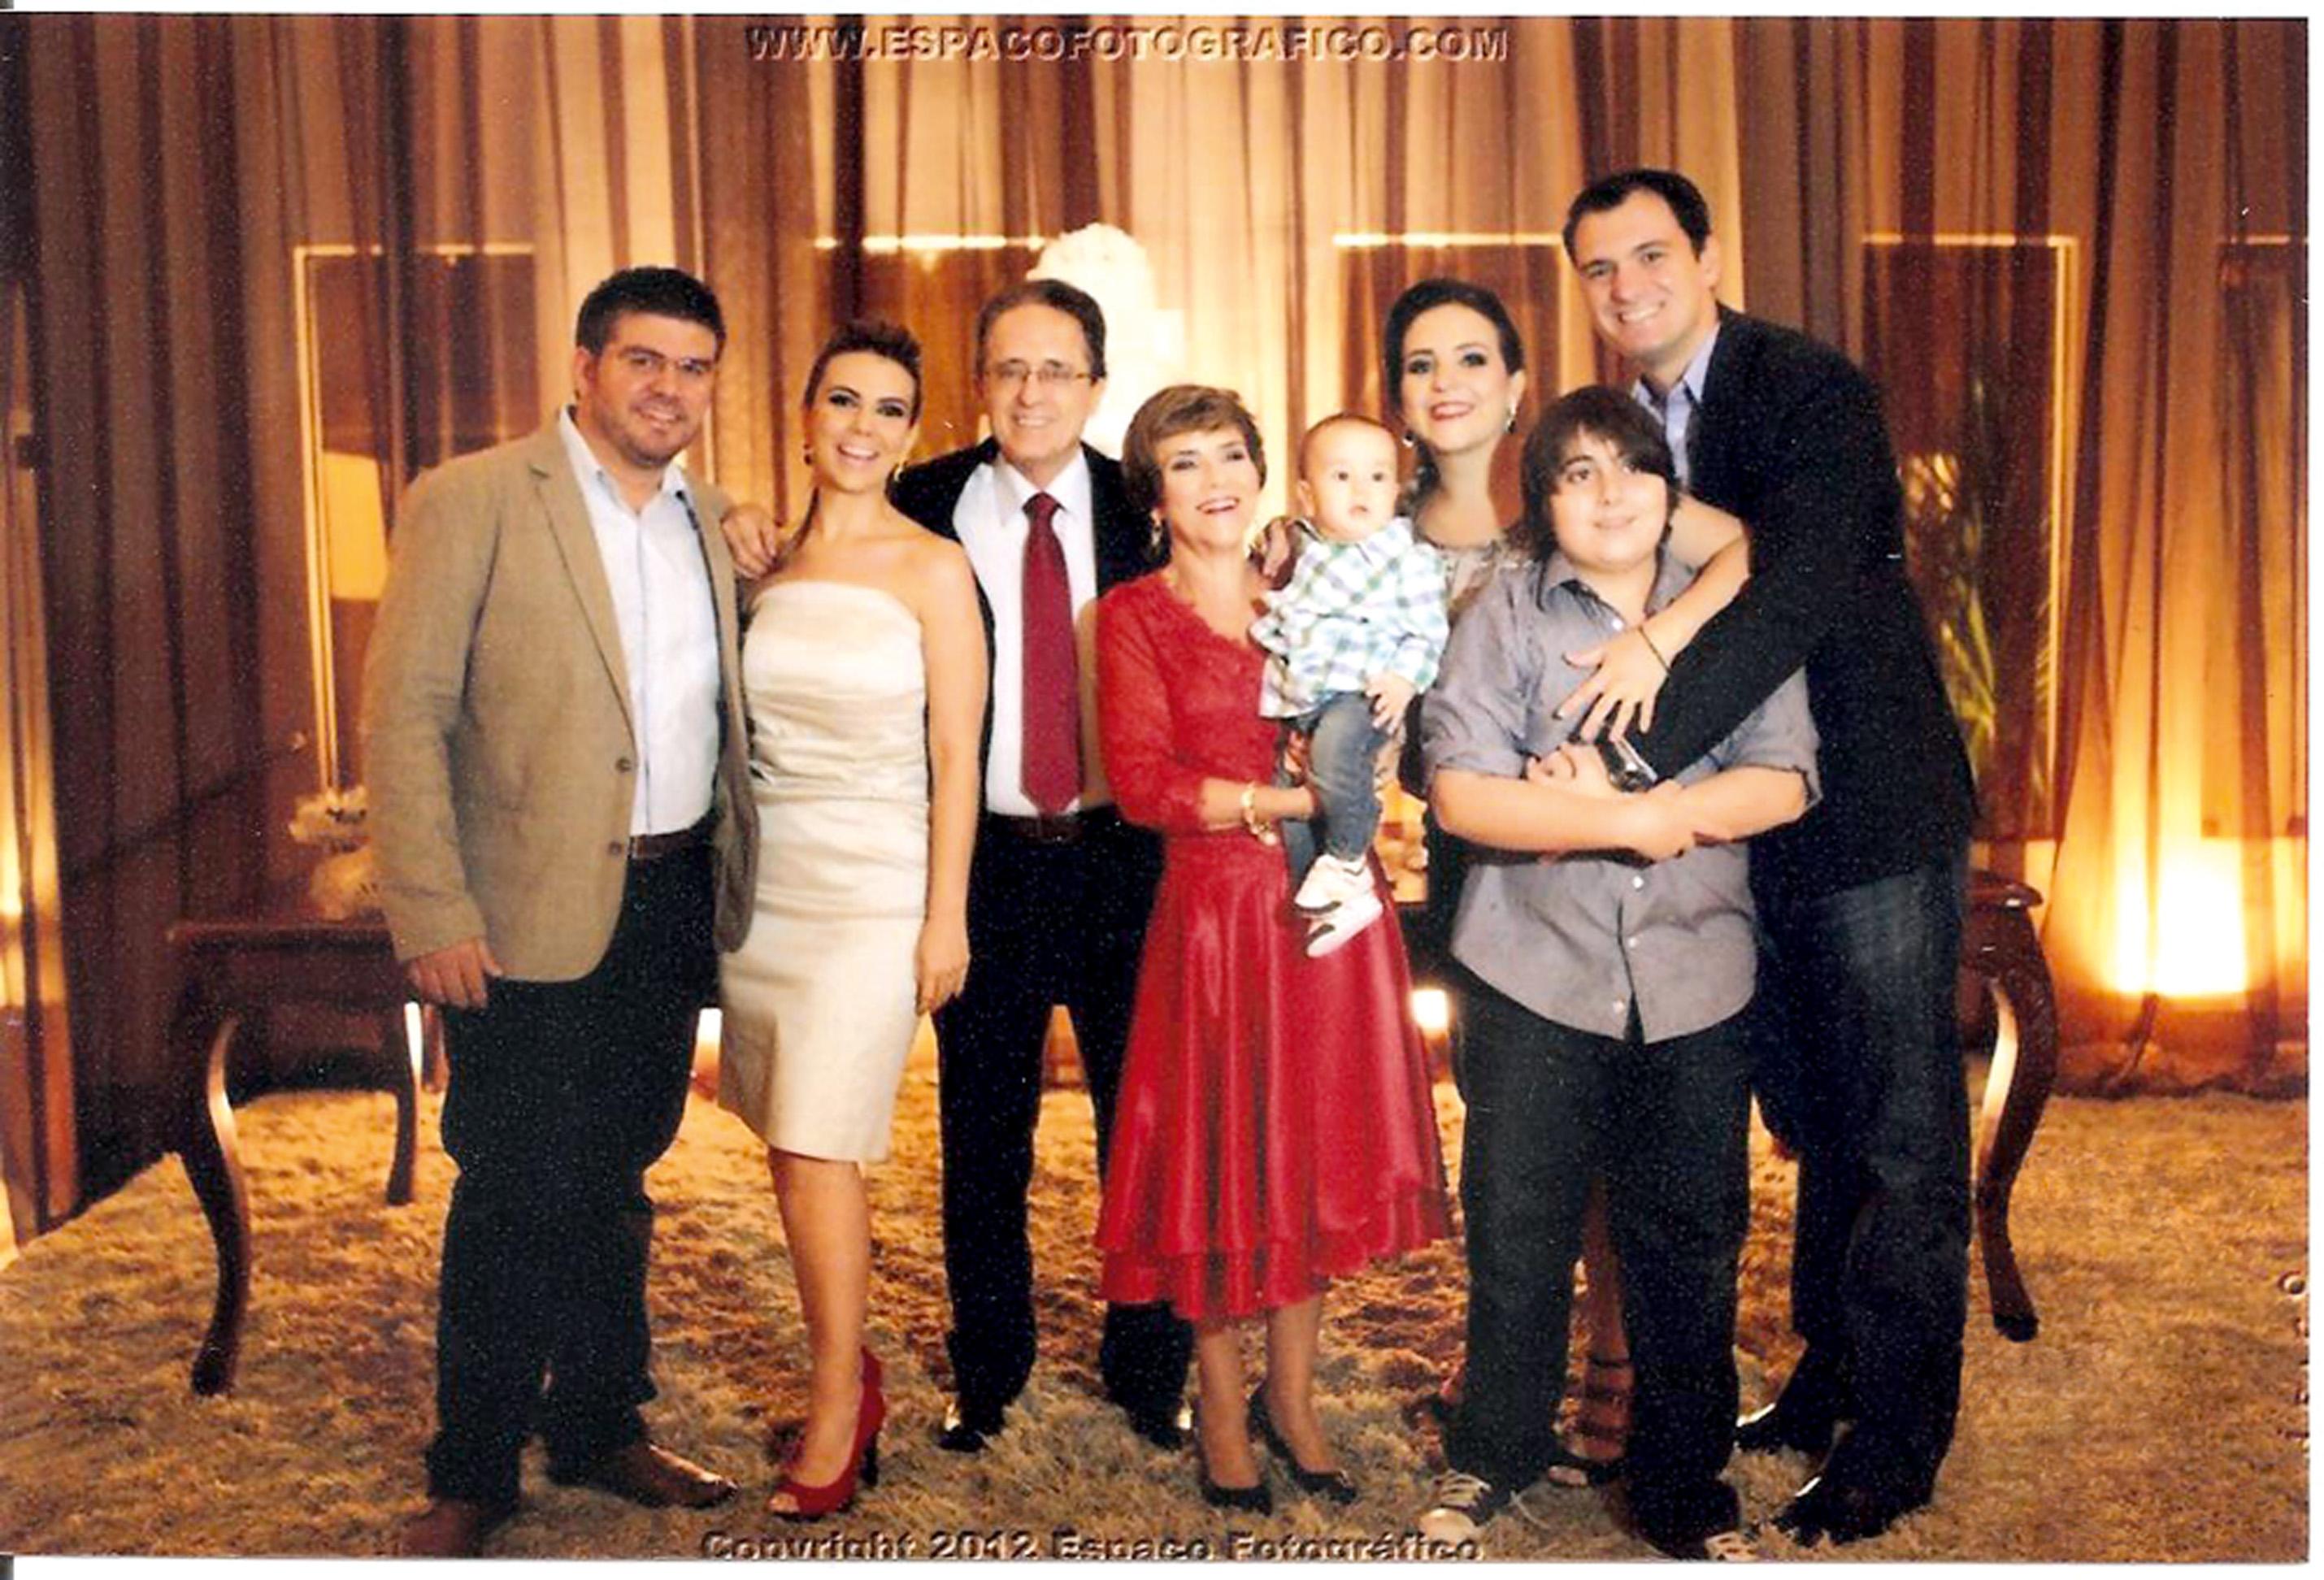 Com Aldo, as filhas, Lorena e Patrícia, genros e netos no aniversário de 60 anos, em 2012